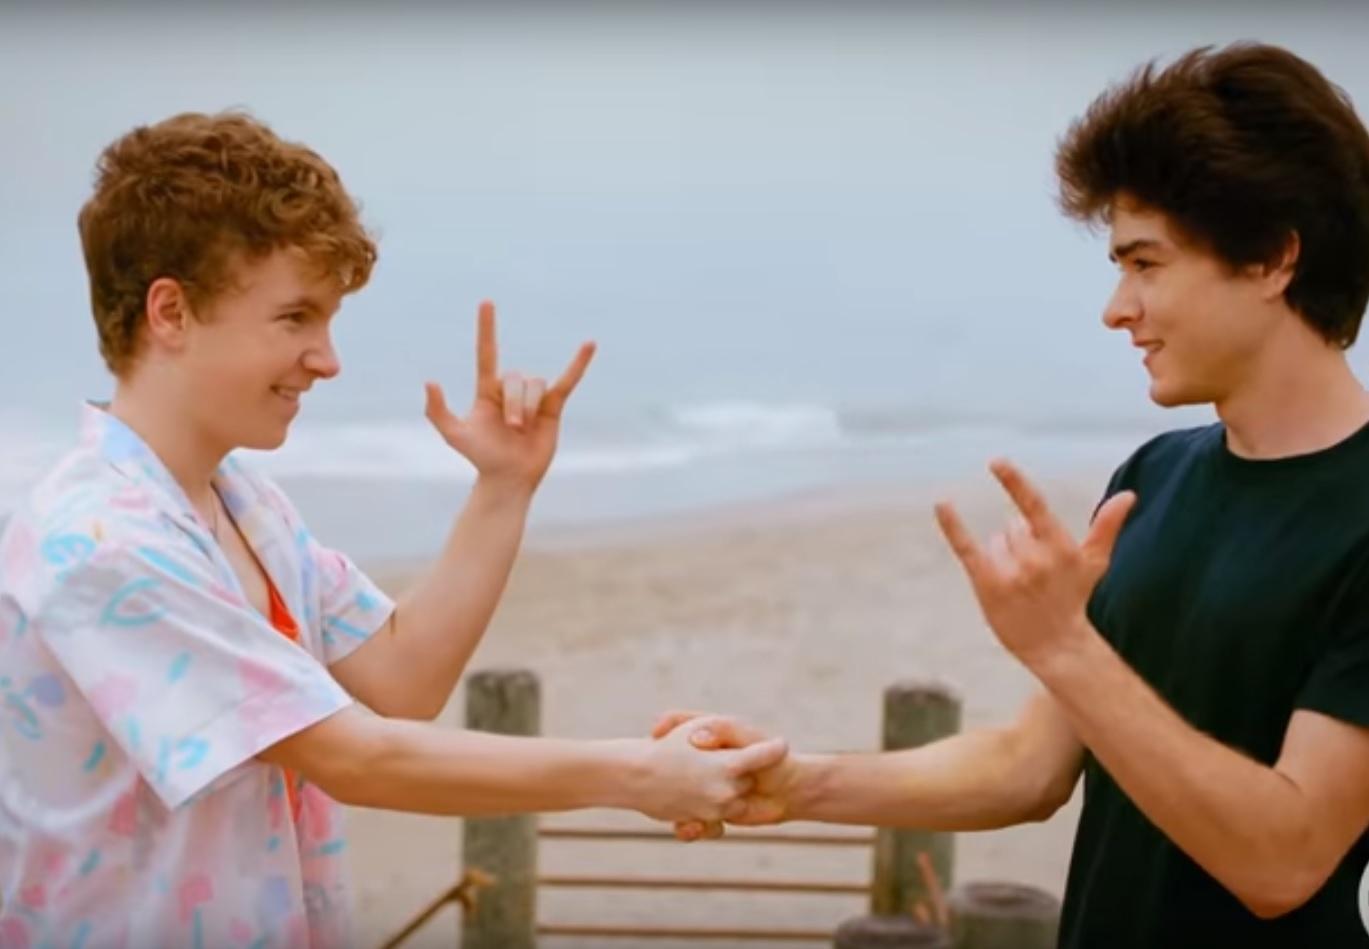 Trailer de telebiografia celebra a amizade e os excessos de Corey Feldman e Corey Haim